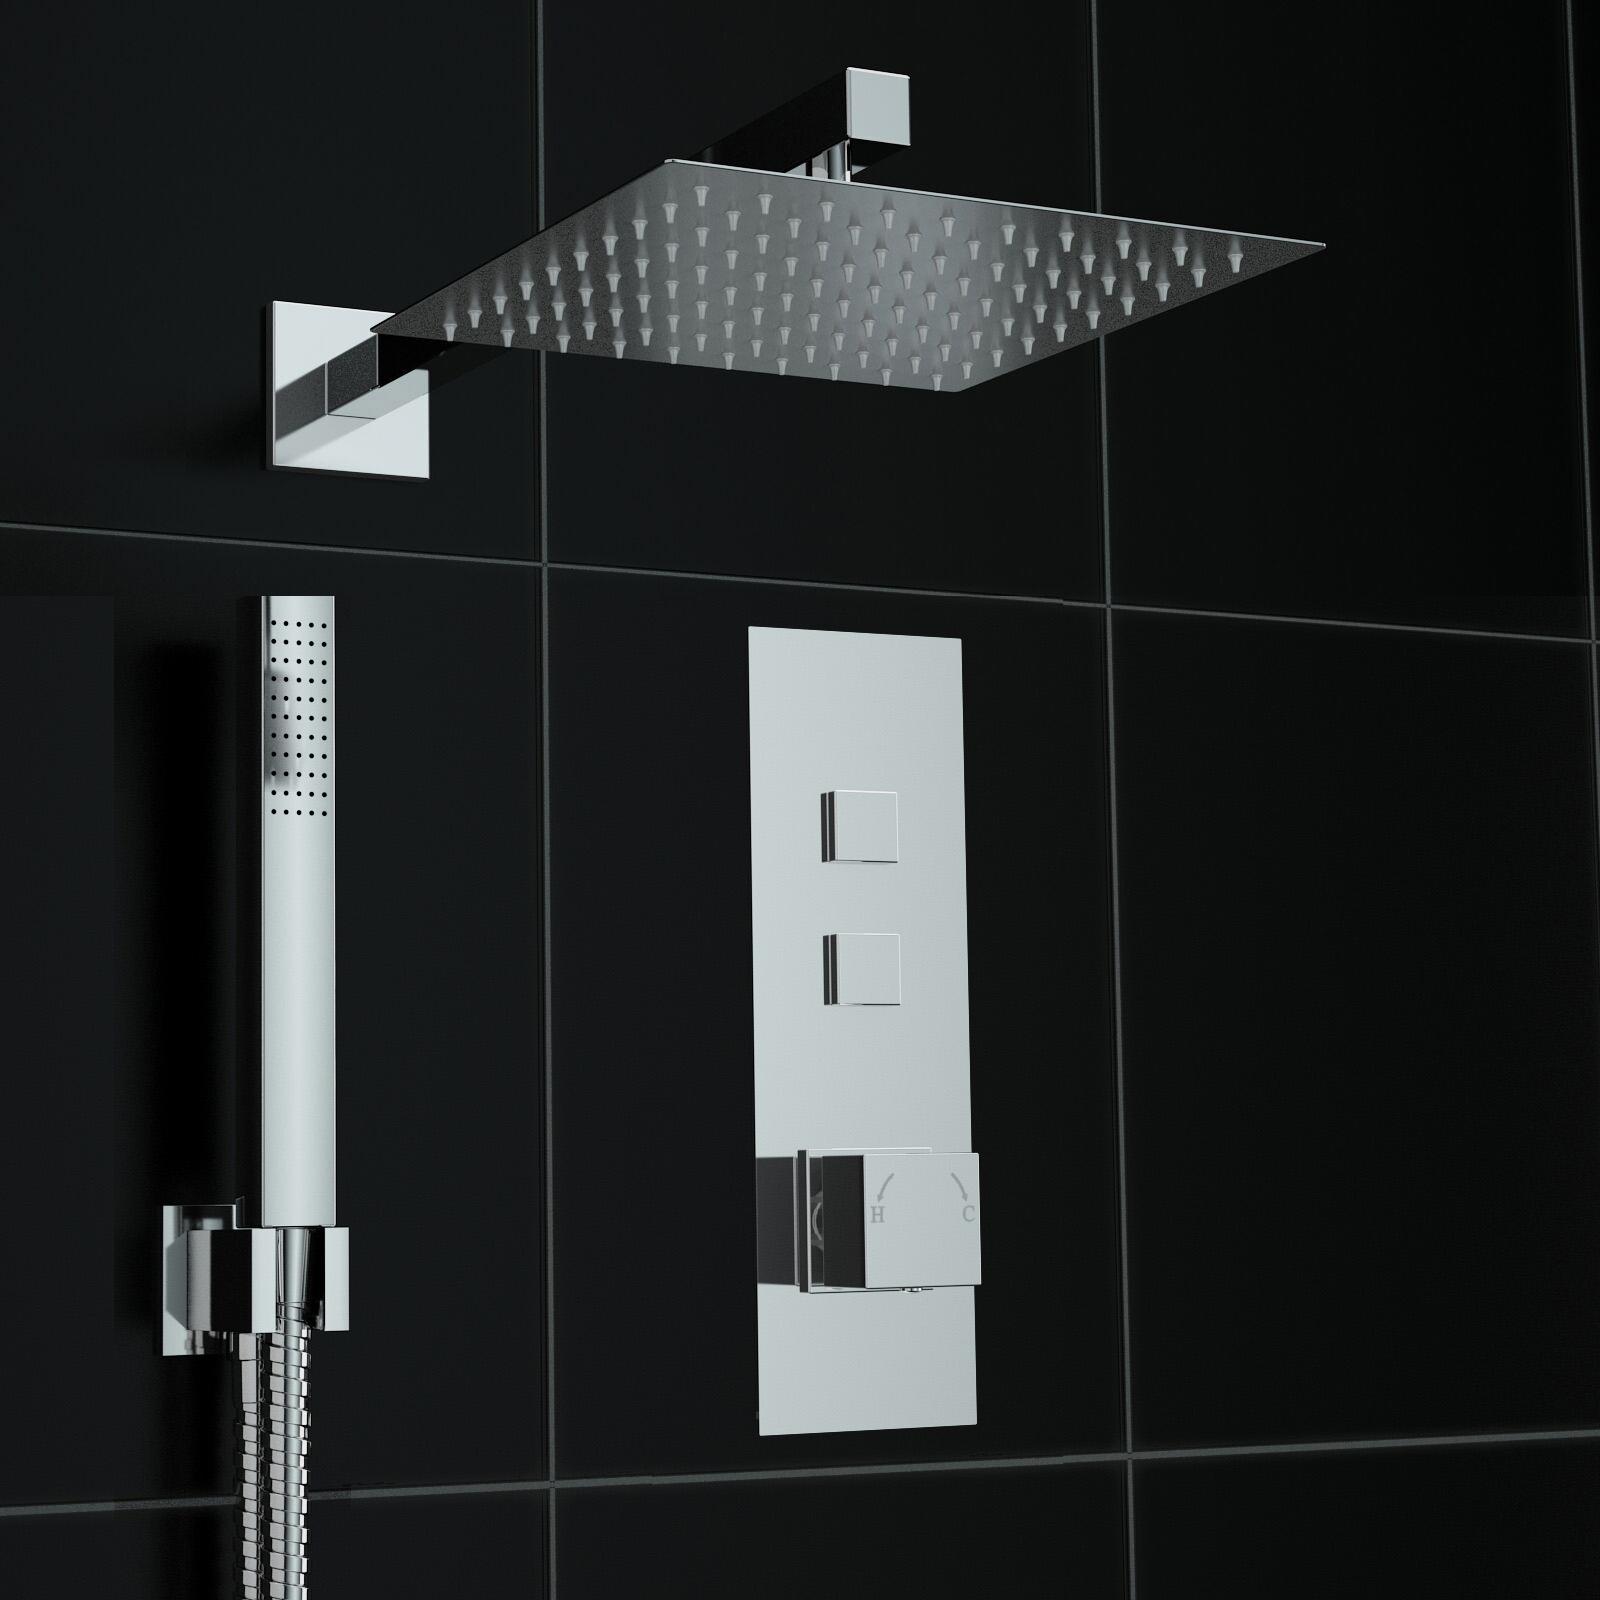 Concealed Shower Sets   Mixer Shower Kits   Ergonomic Designs